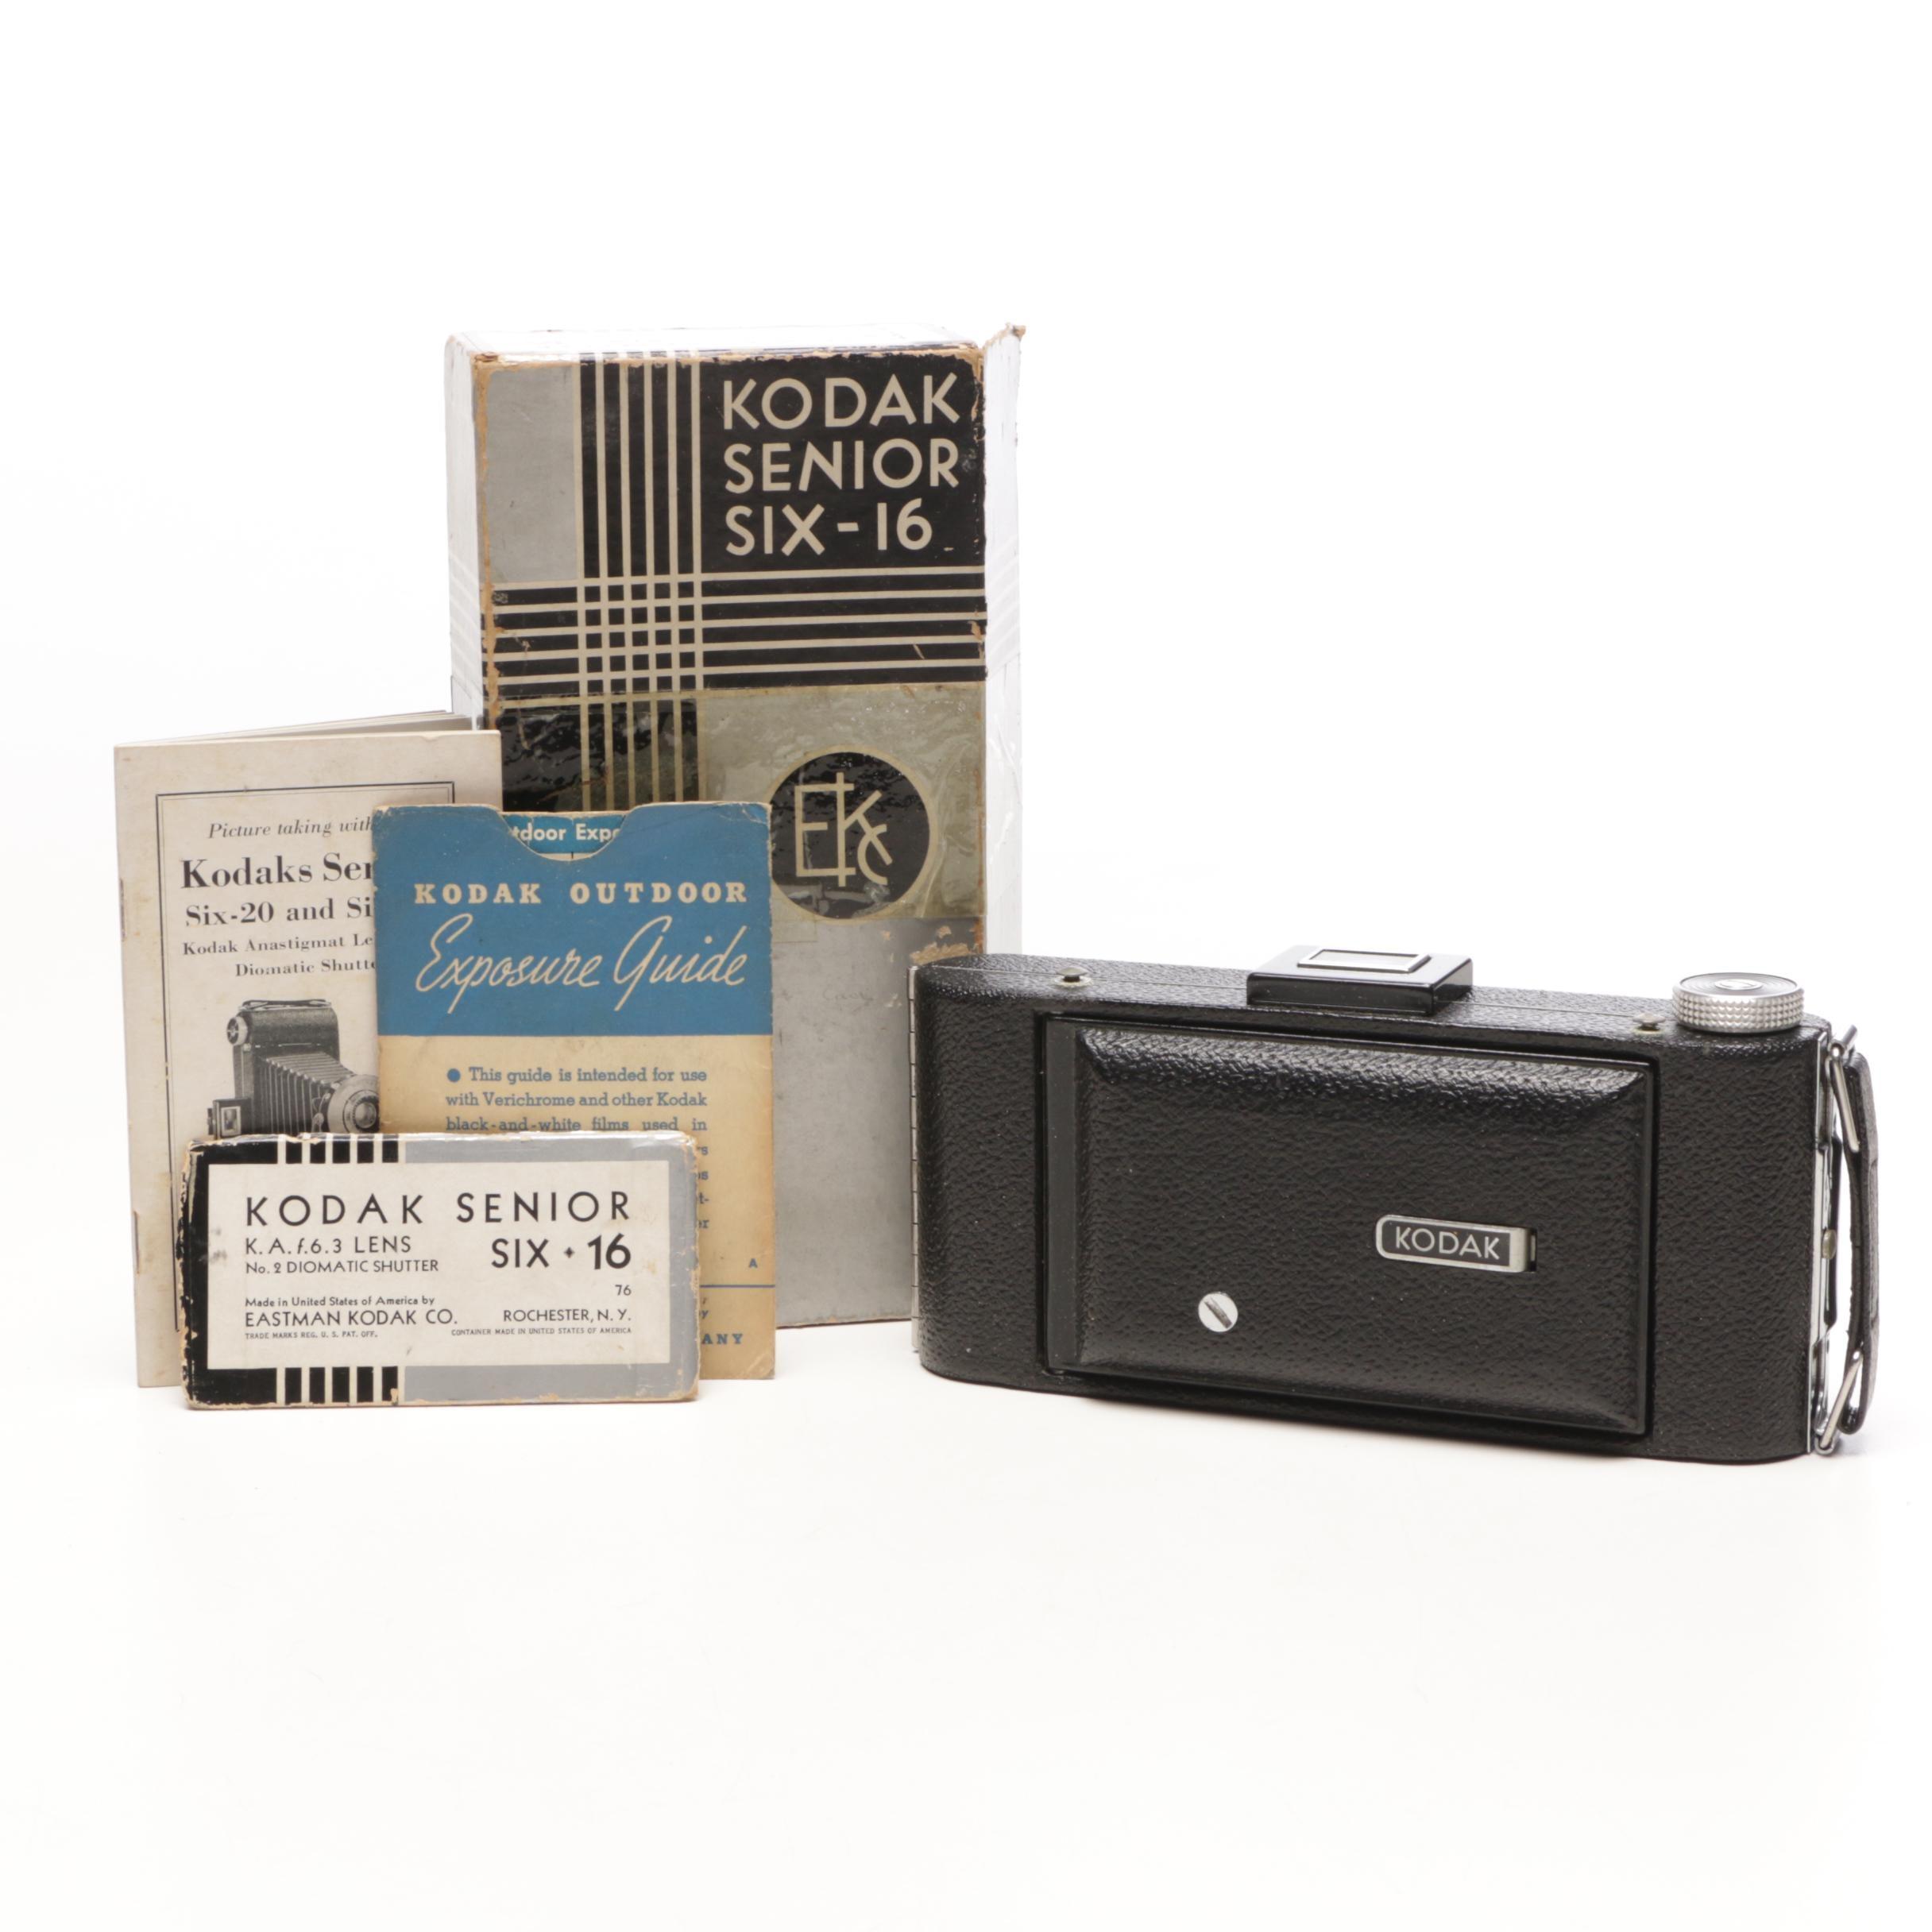 Kodak Senior Six-16 Camera